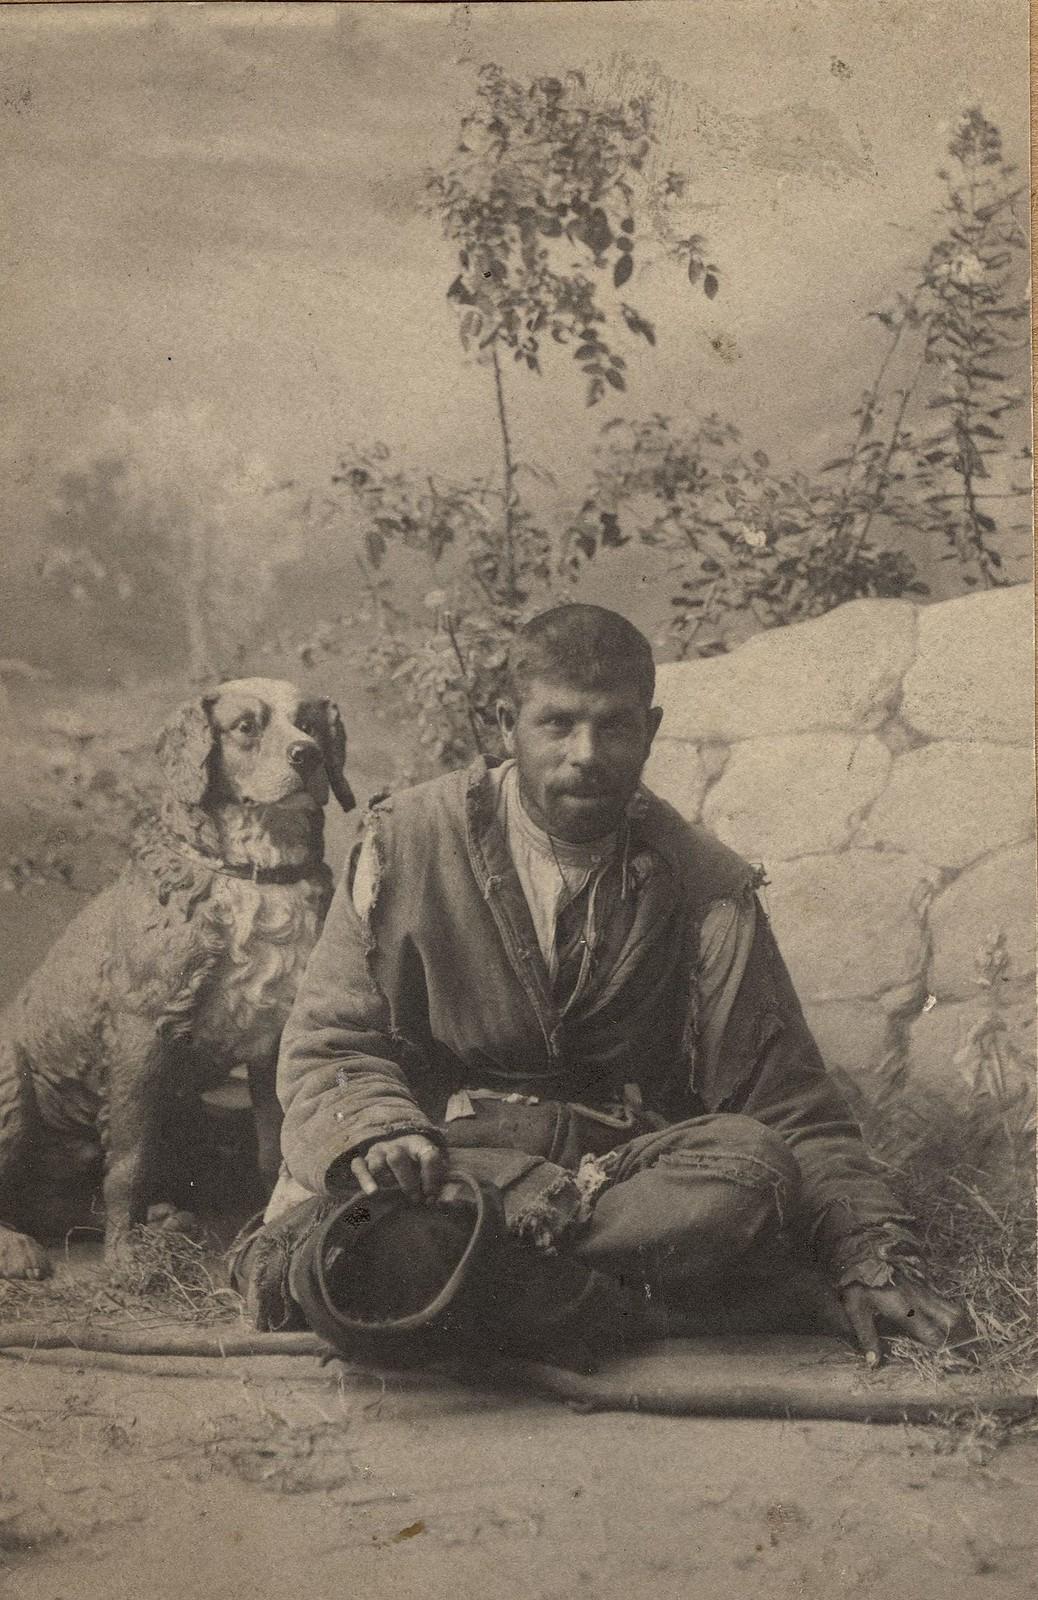 1890. Портрет бродяги в лохмотьях